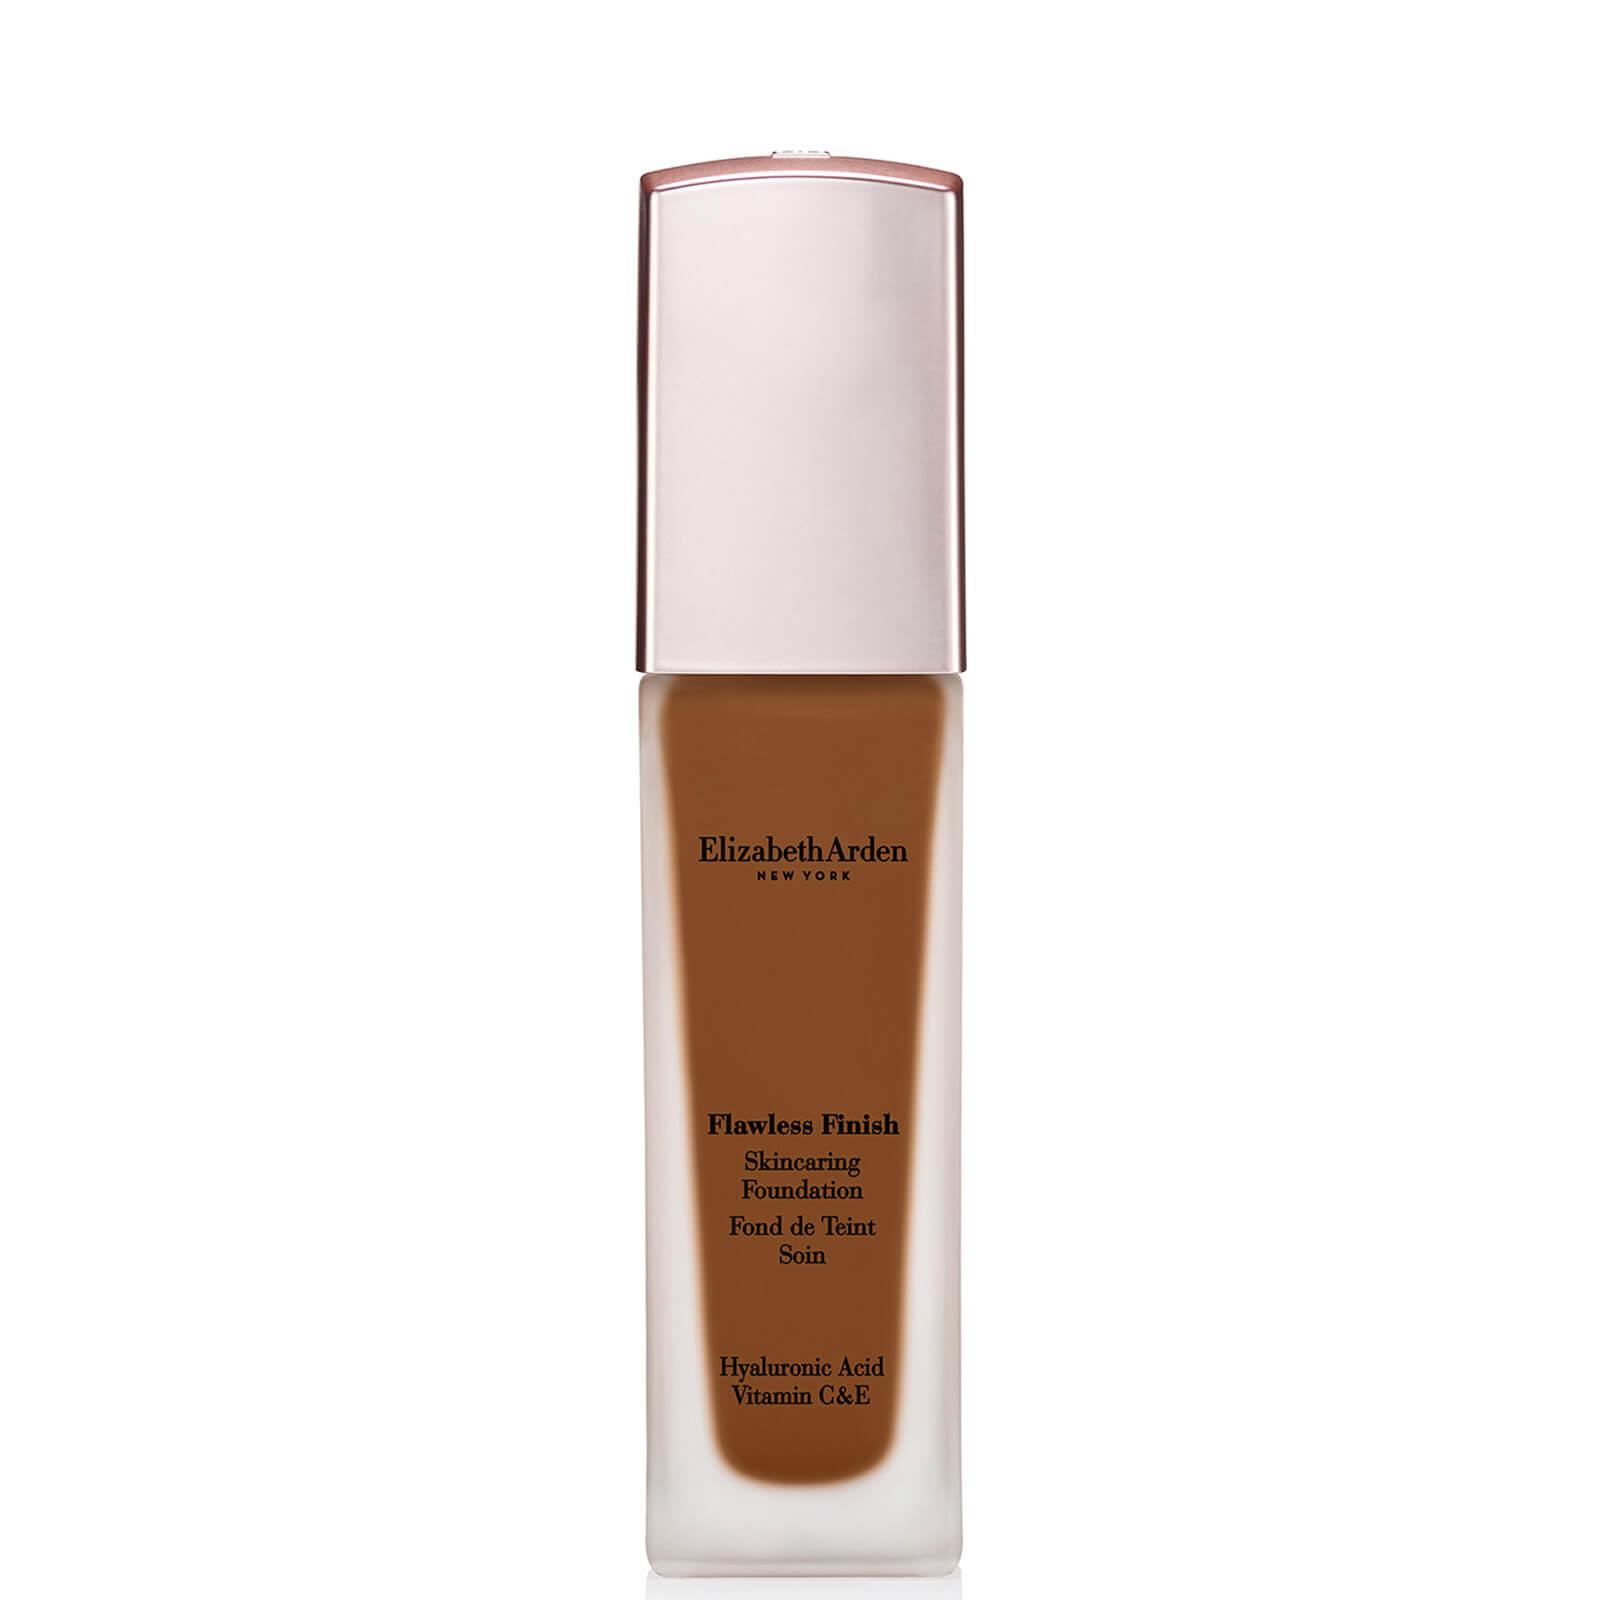 Купить Elizabeth Arden Flawless Finish Skincaring Foundation 30ml (Various Shades) - 540W